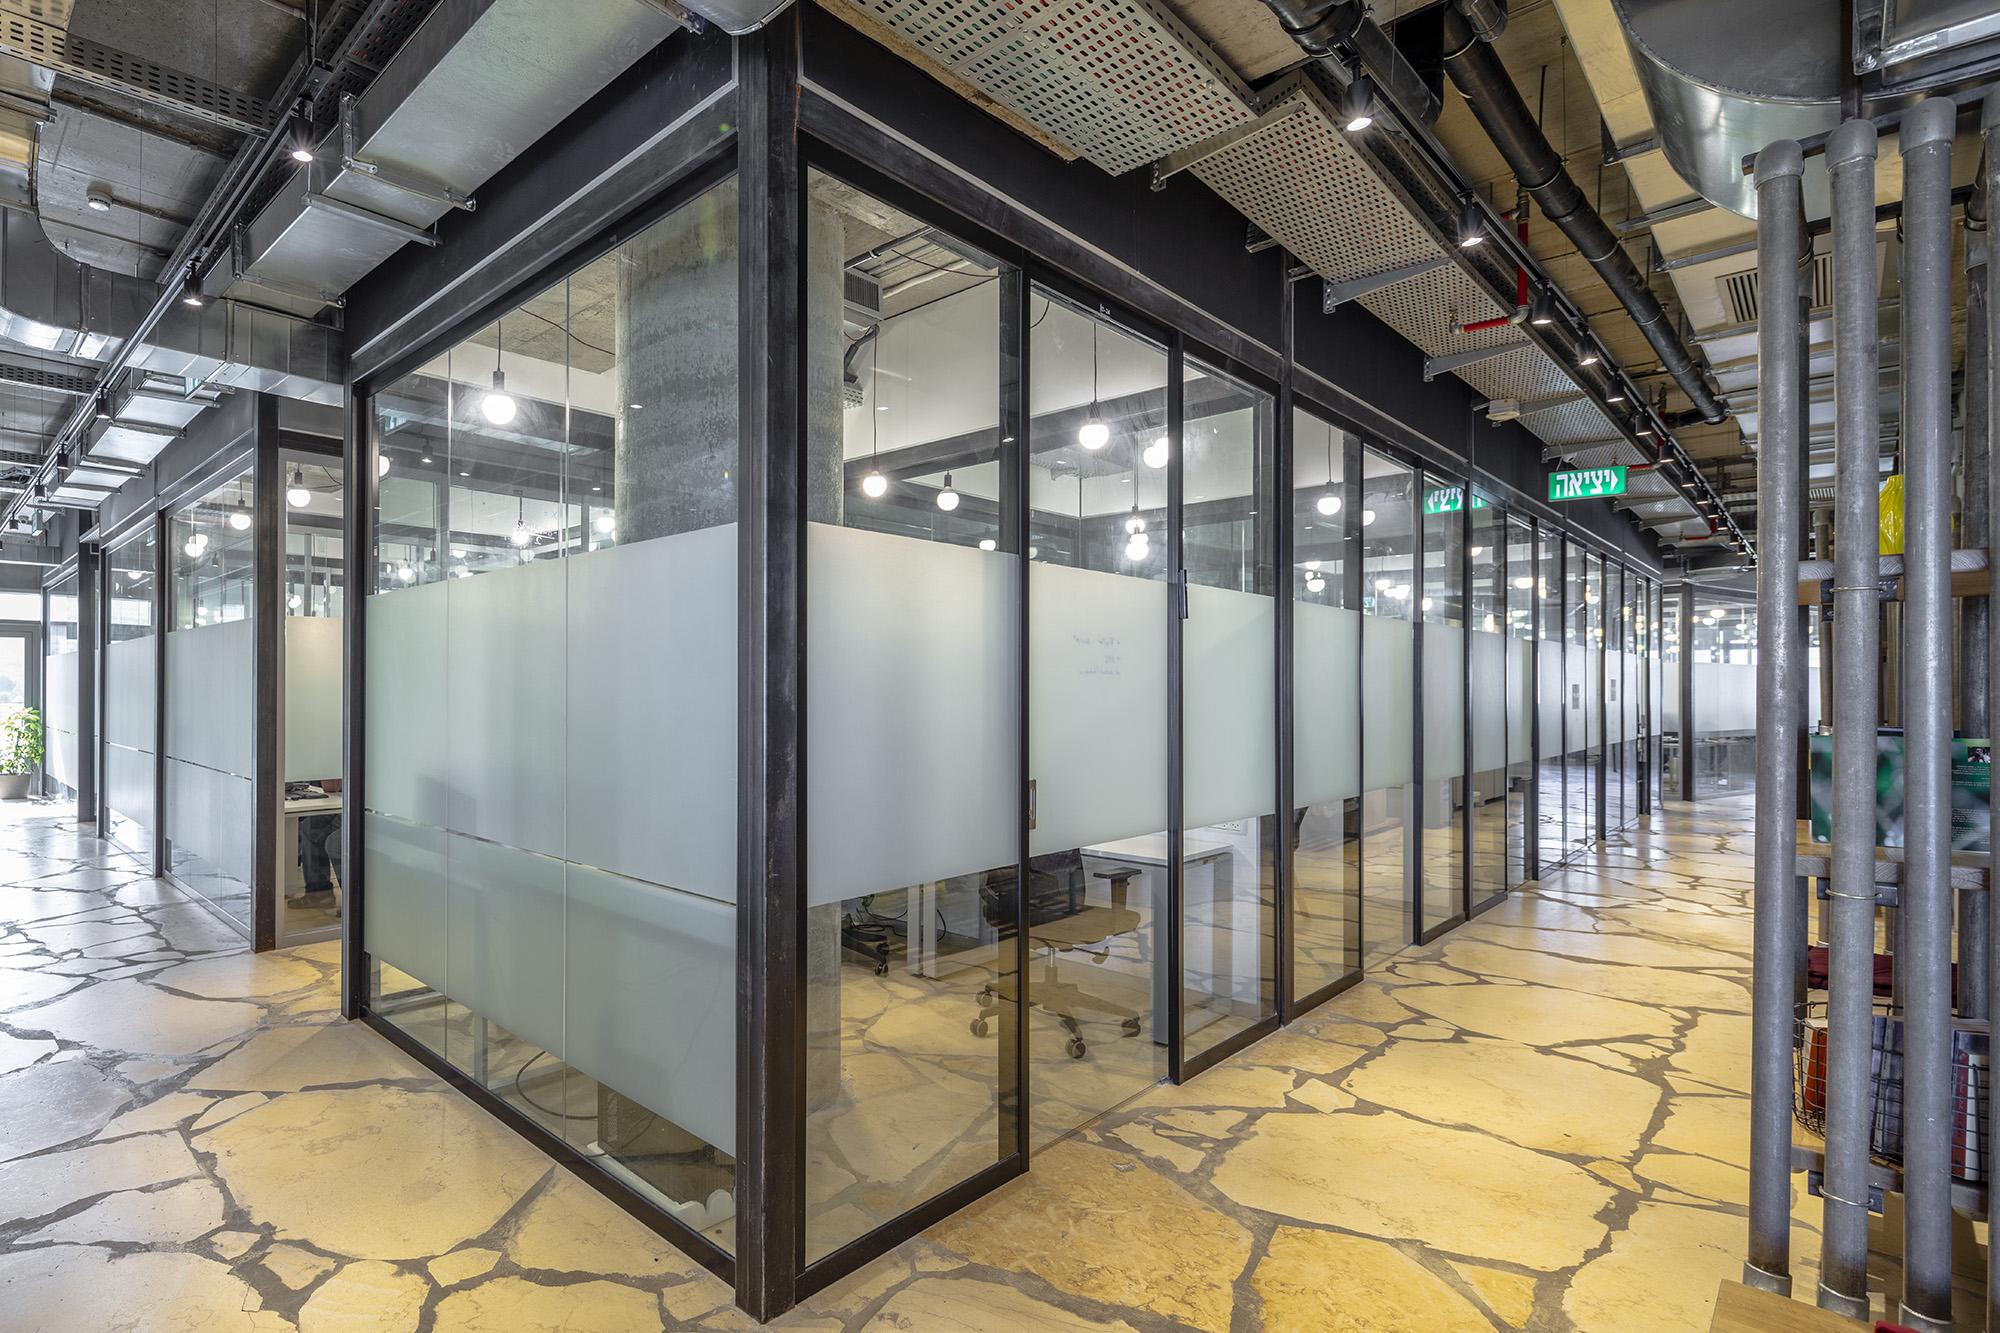 משרדי OPENVALLEY - מחיצות אקוסטיות רצפה תקרה, אינובייט